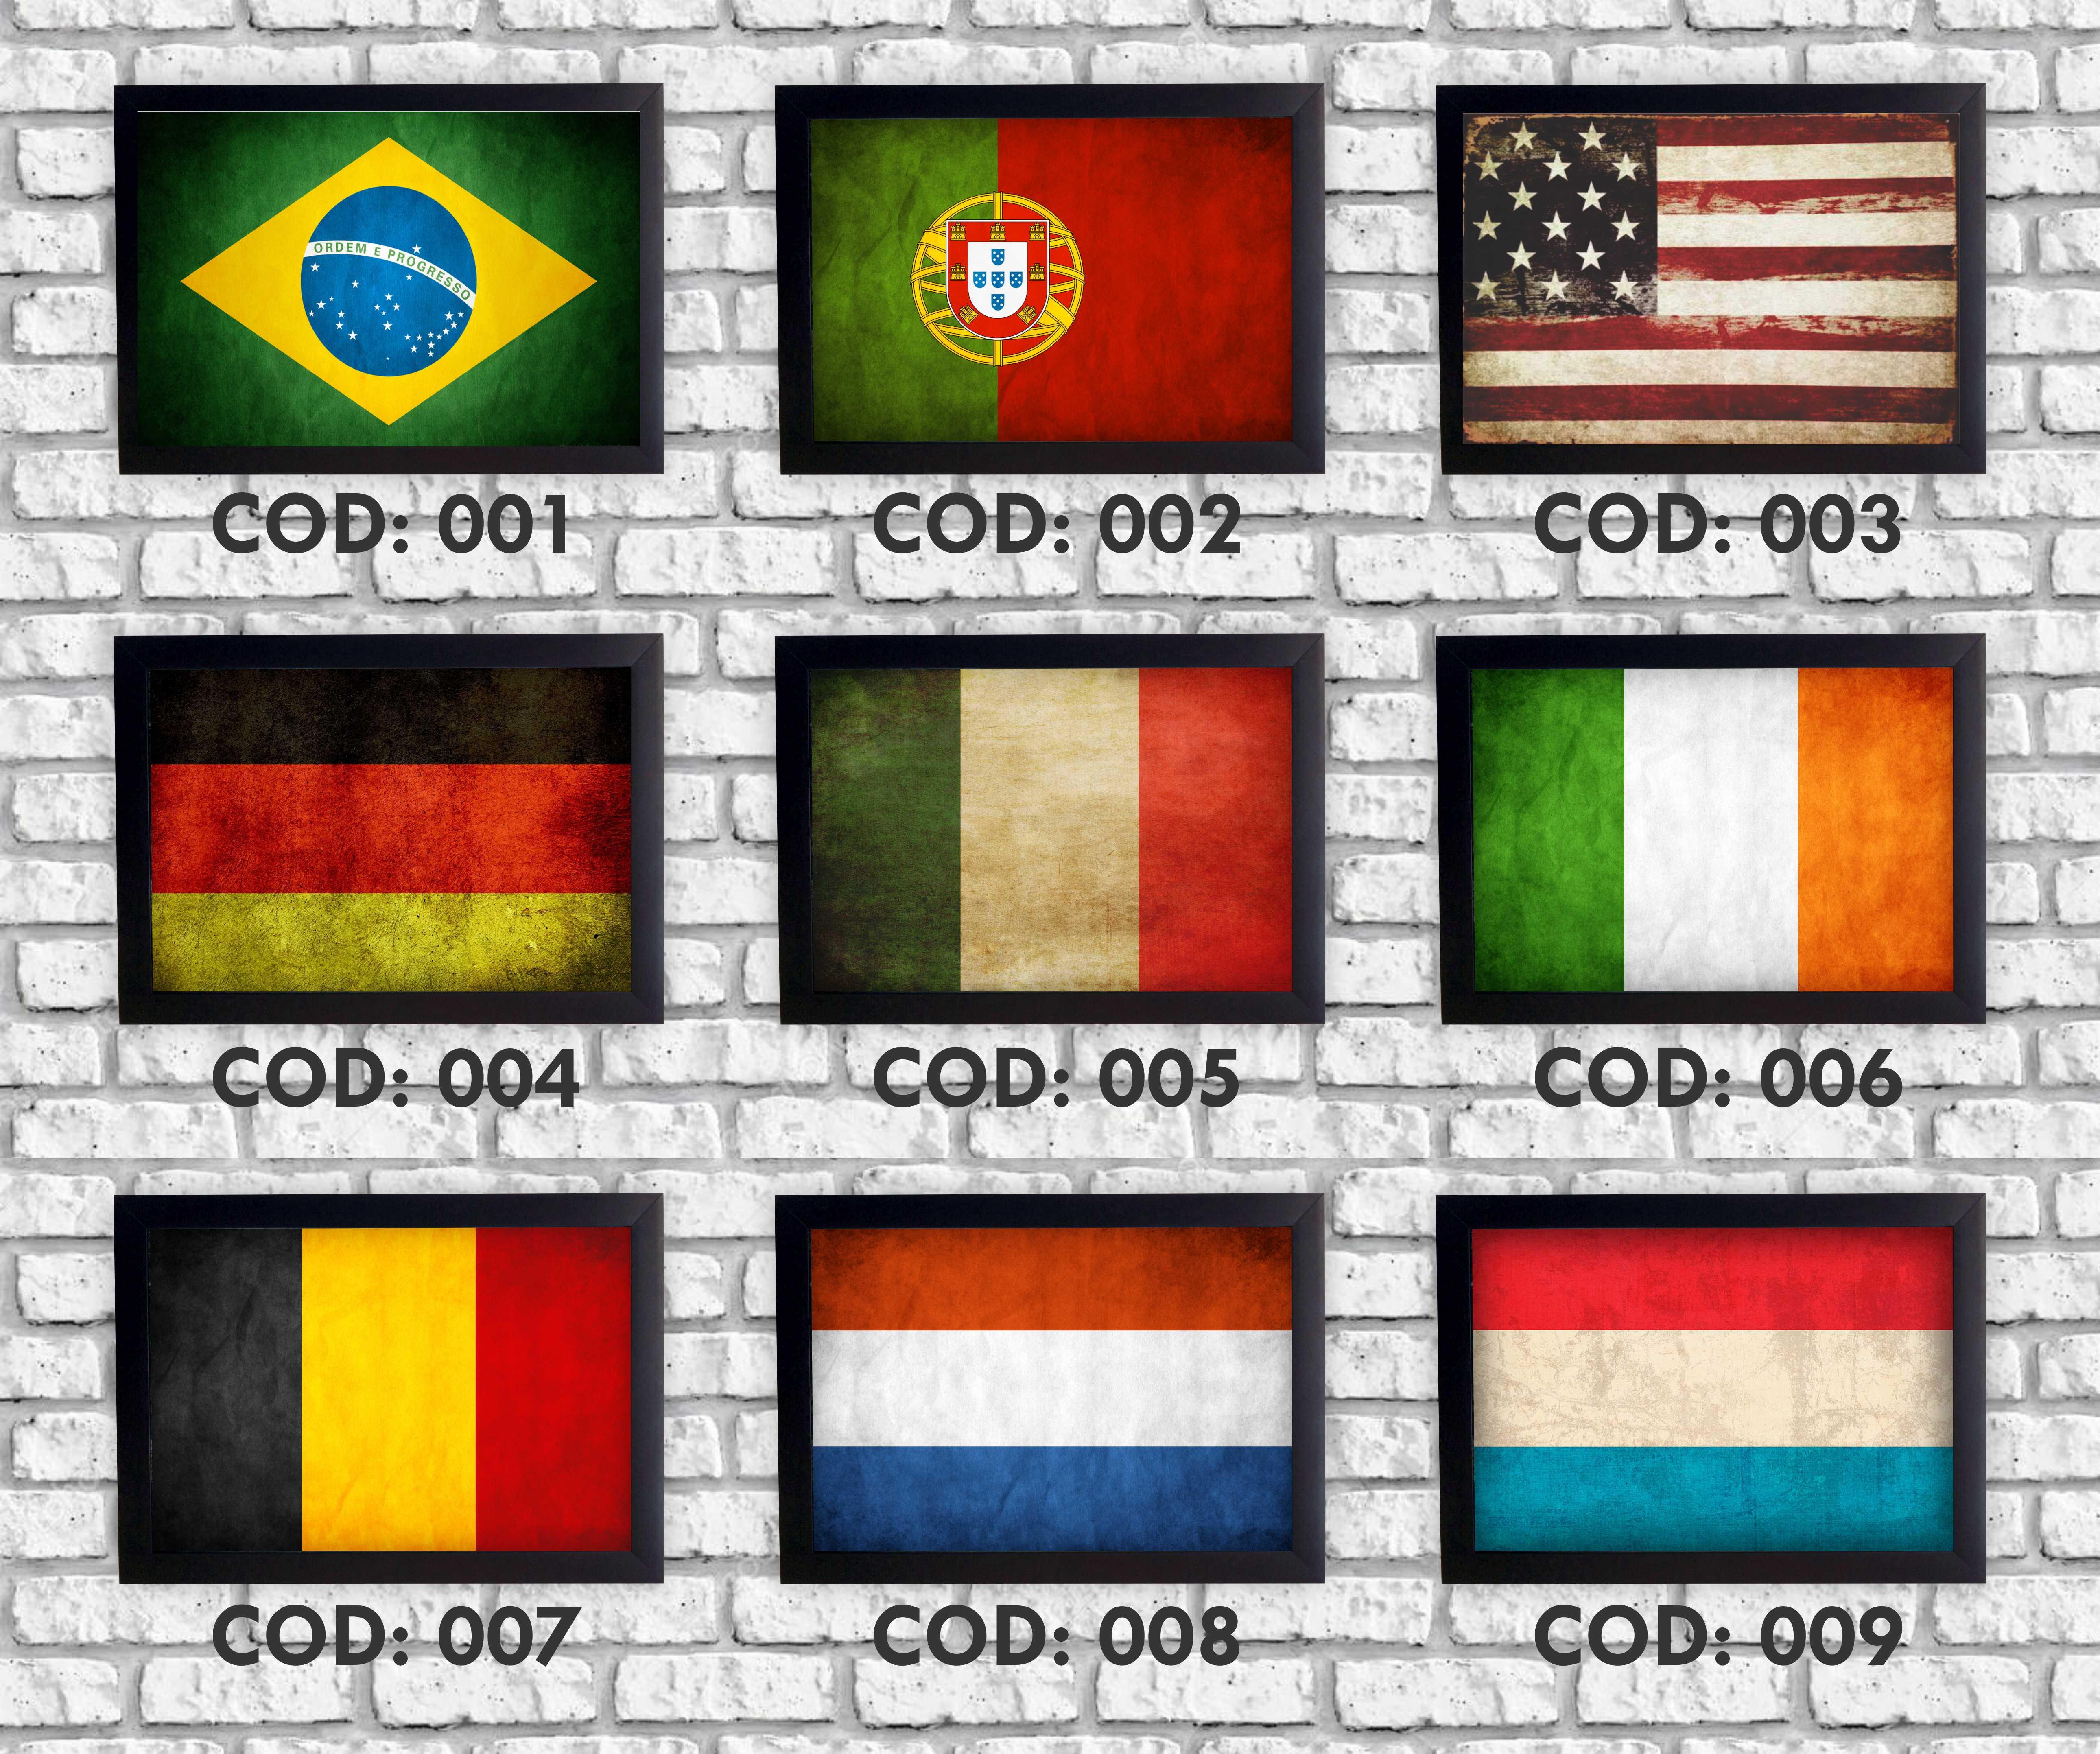 eb1a31a48ffa9 Quadro Decorativo Bandeira Itália Retrô + Moldura no Elo7 ...